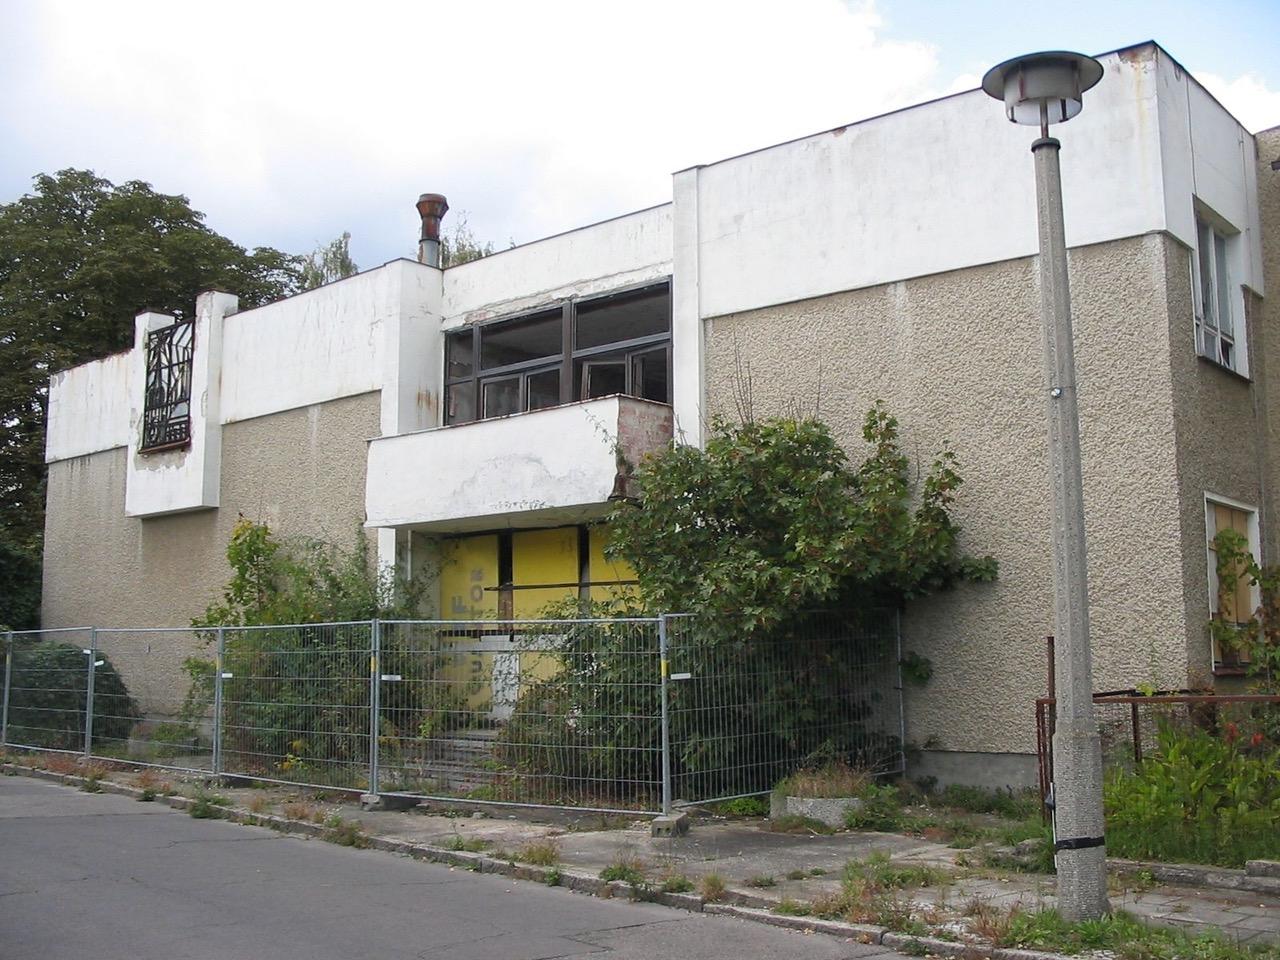 Bodenmaiser-Weg-27-Blick-auf-Fassade-IMG_3868.jpeg